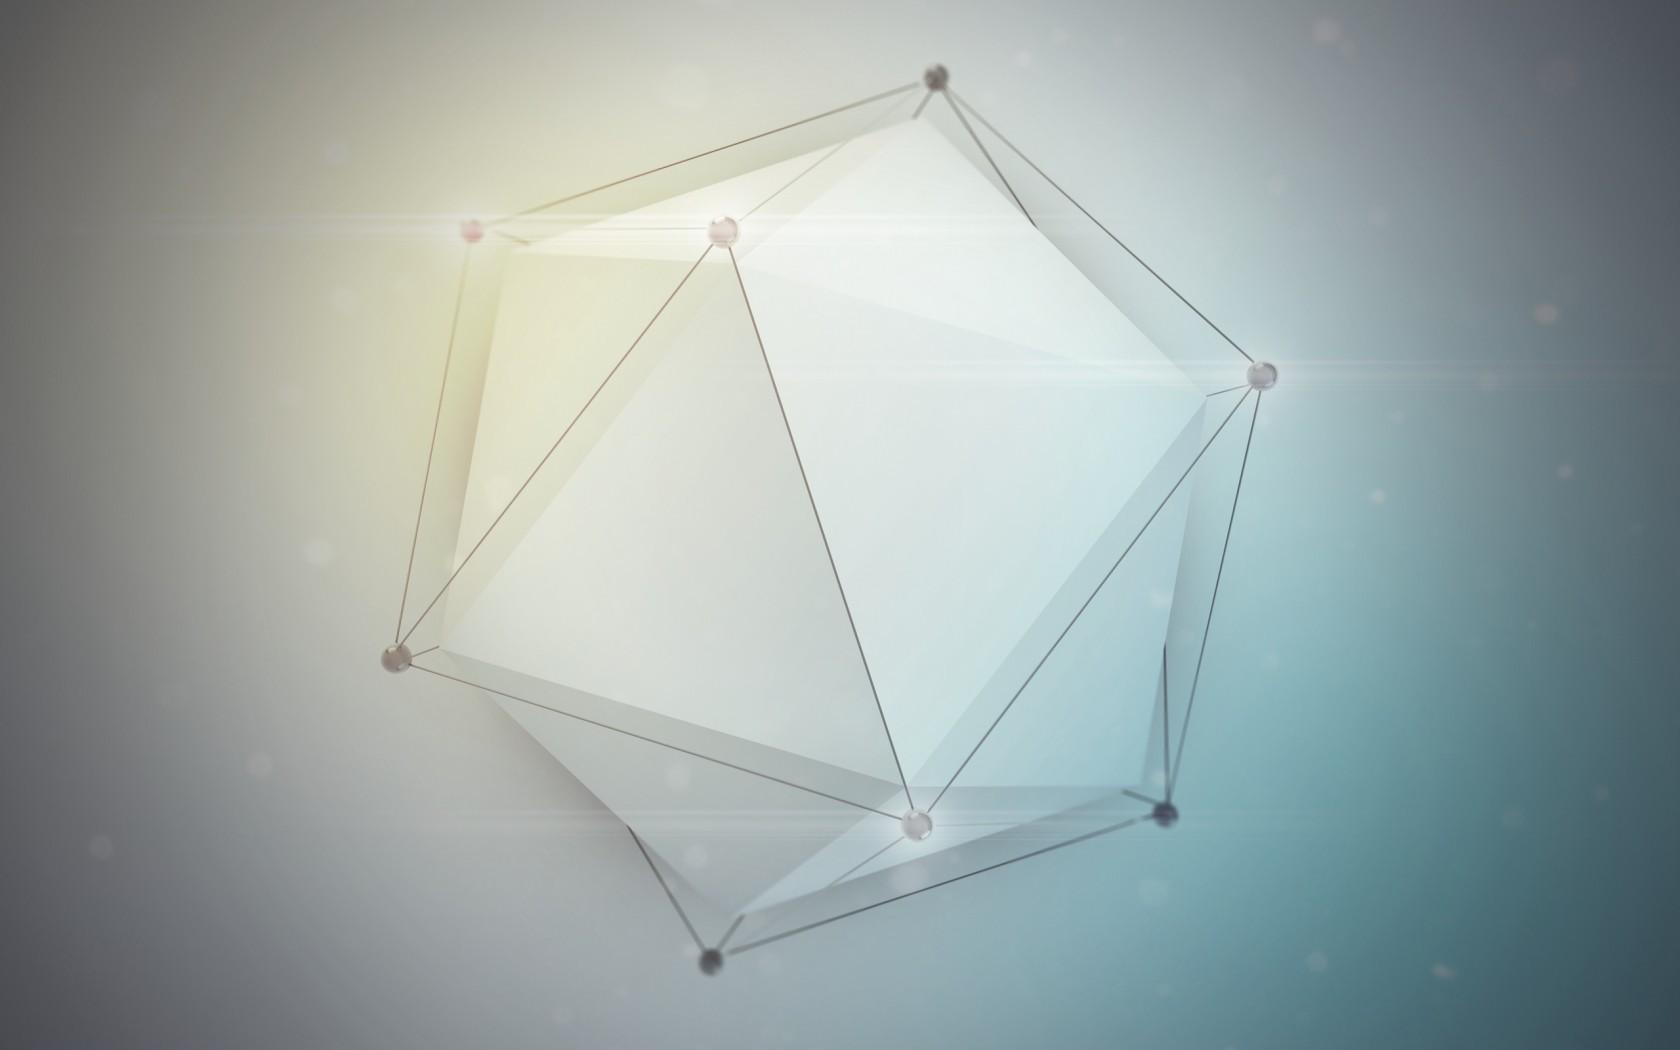 Sfondi : bianca arte digitale astratto minimalismo low poly